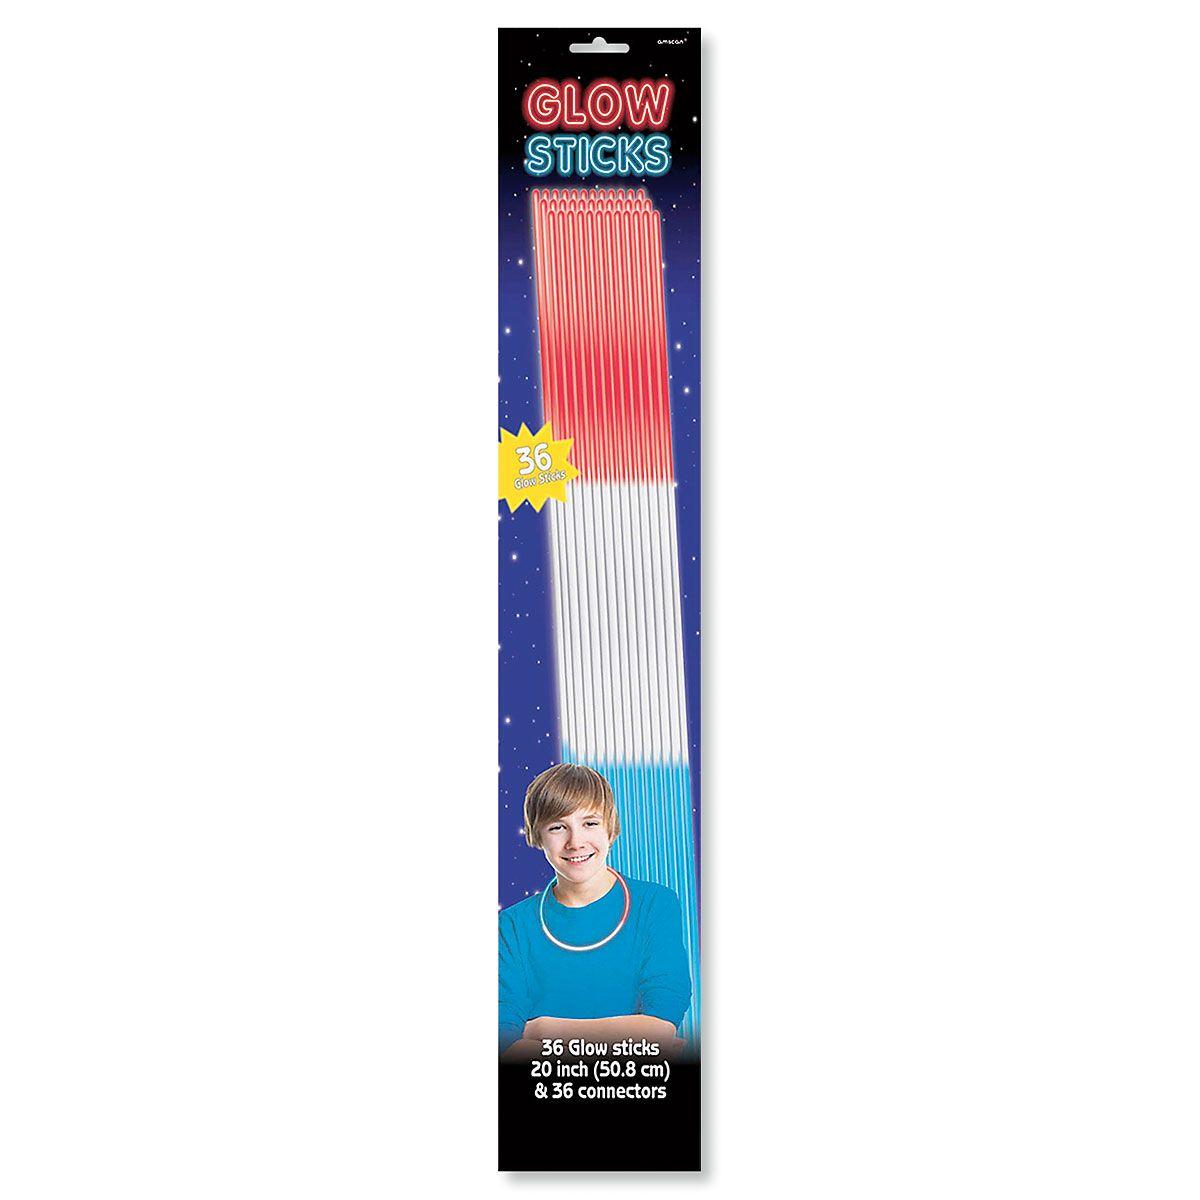 36 Glow Sticks